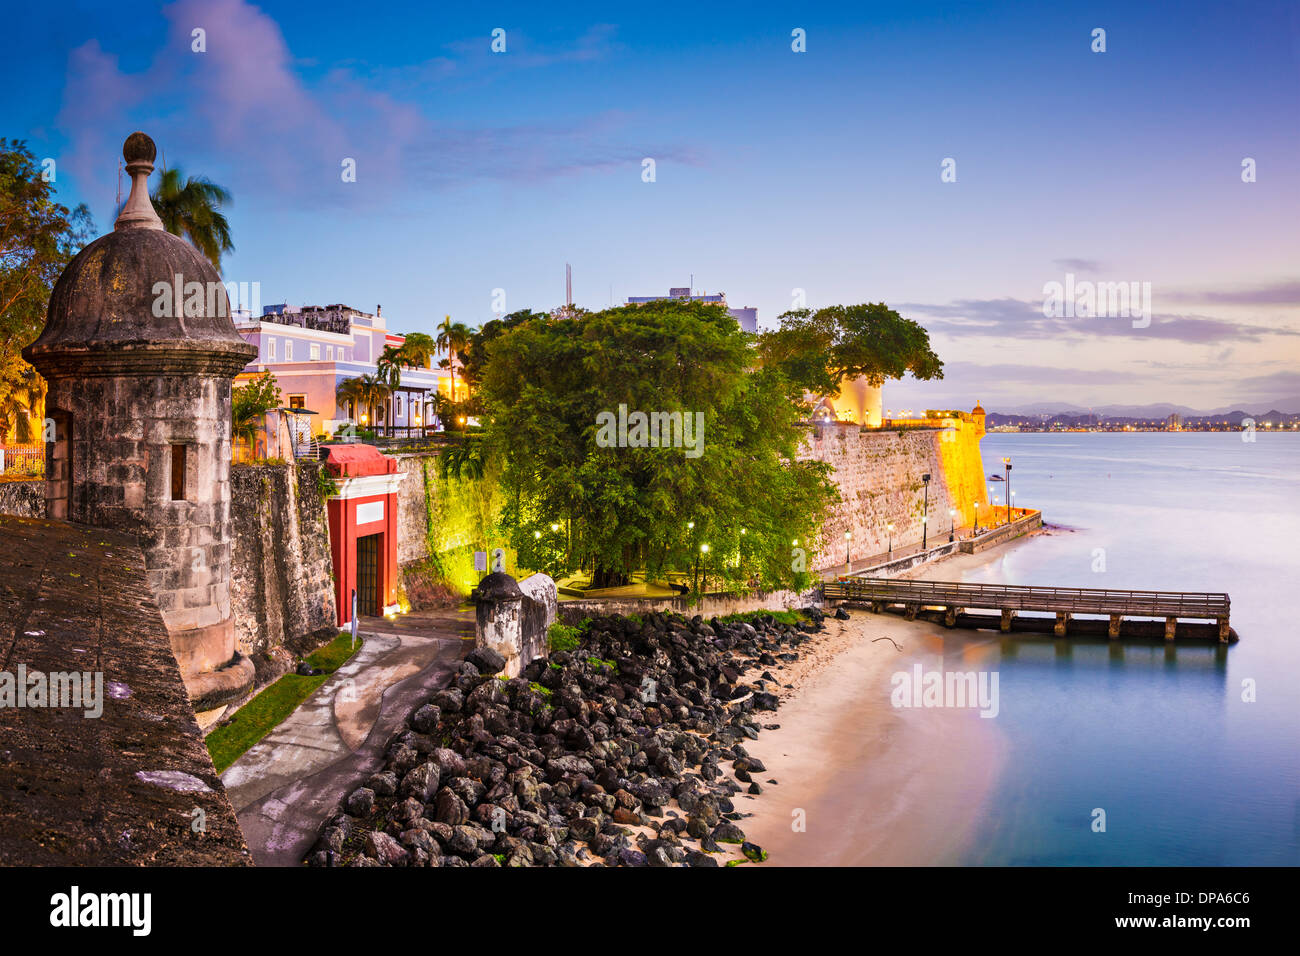 San Juan, Puerto Rico, costa, en el Paseo de la Princesa. Imagen De Stock